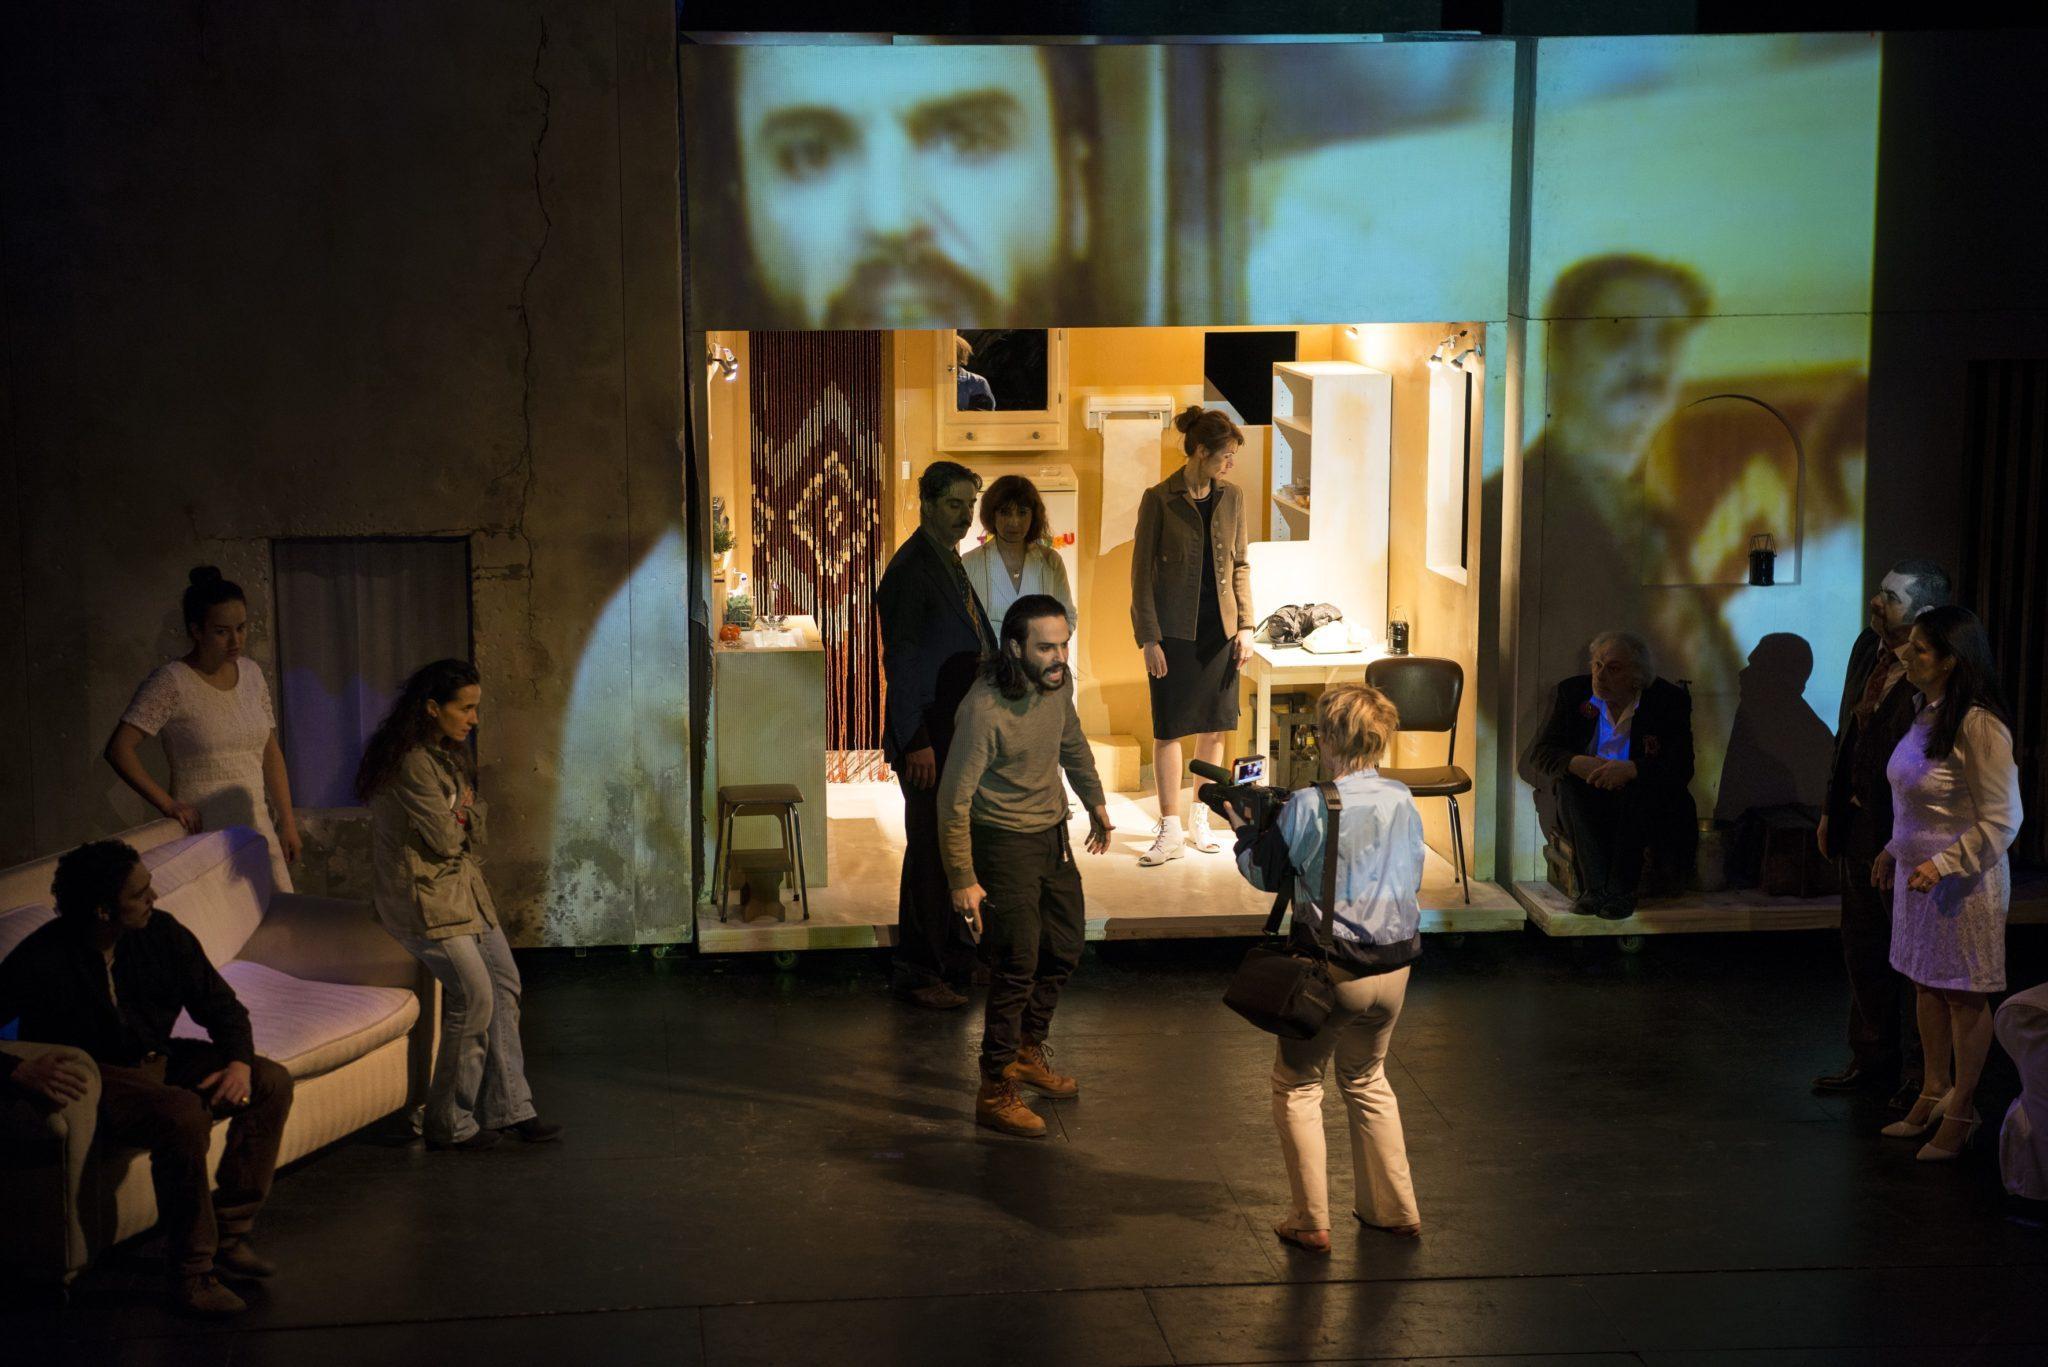 Le Dernier Jour du jeûne et L'Envol des cigognes de Simon Abkarian photo dyptique théâtre 1